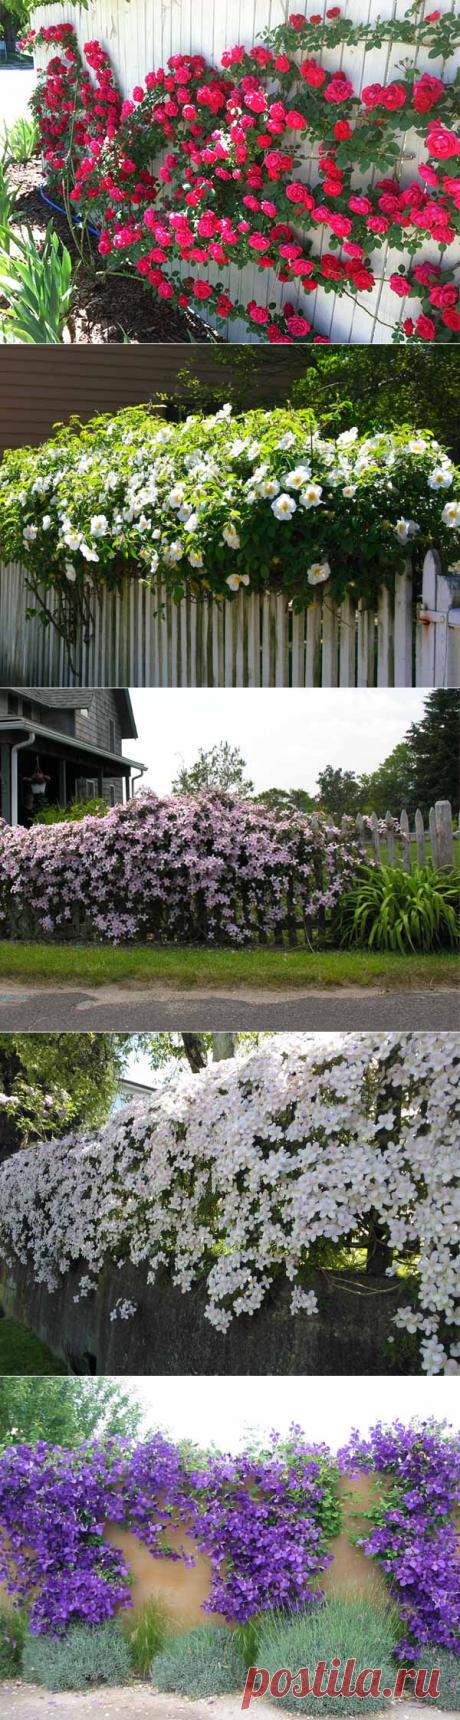 30 фото заборов: преврати свой забор в красивый цветник